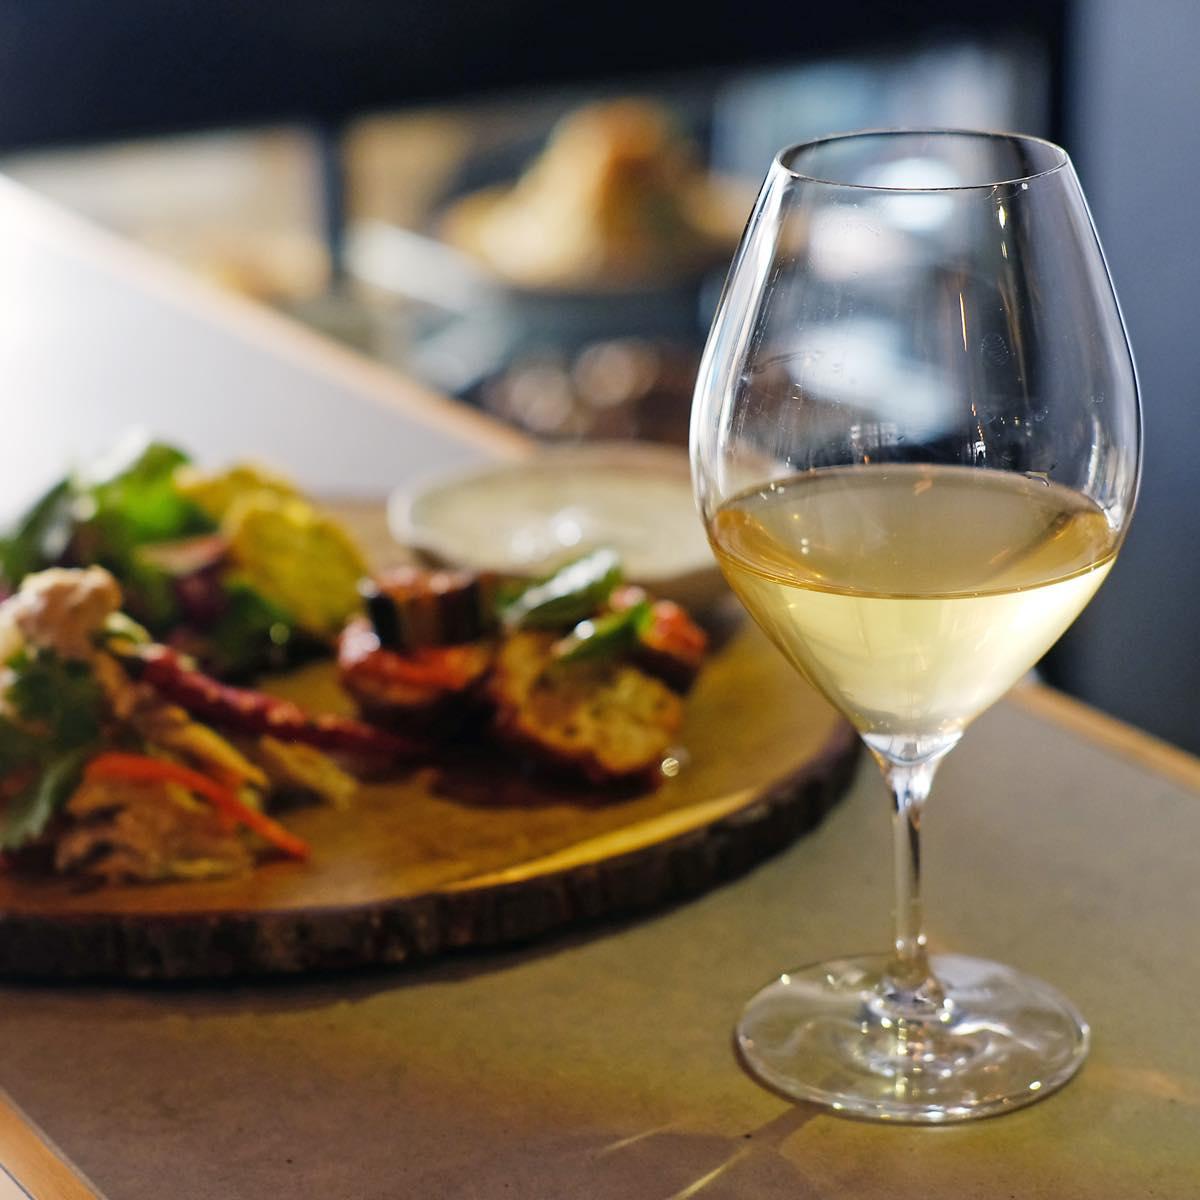 家でもお店でも、ふらりとナチュラルワインを。角打ち酒屋「no.502」が世田谷エリアに誕生